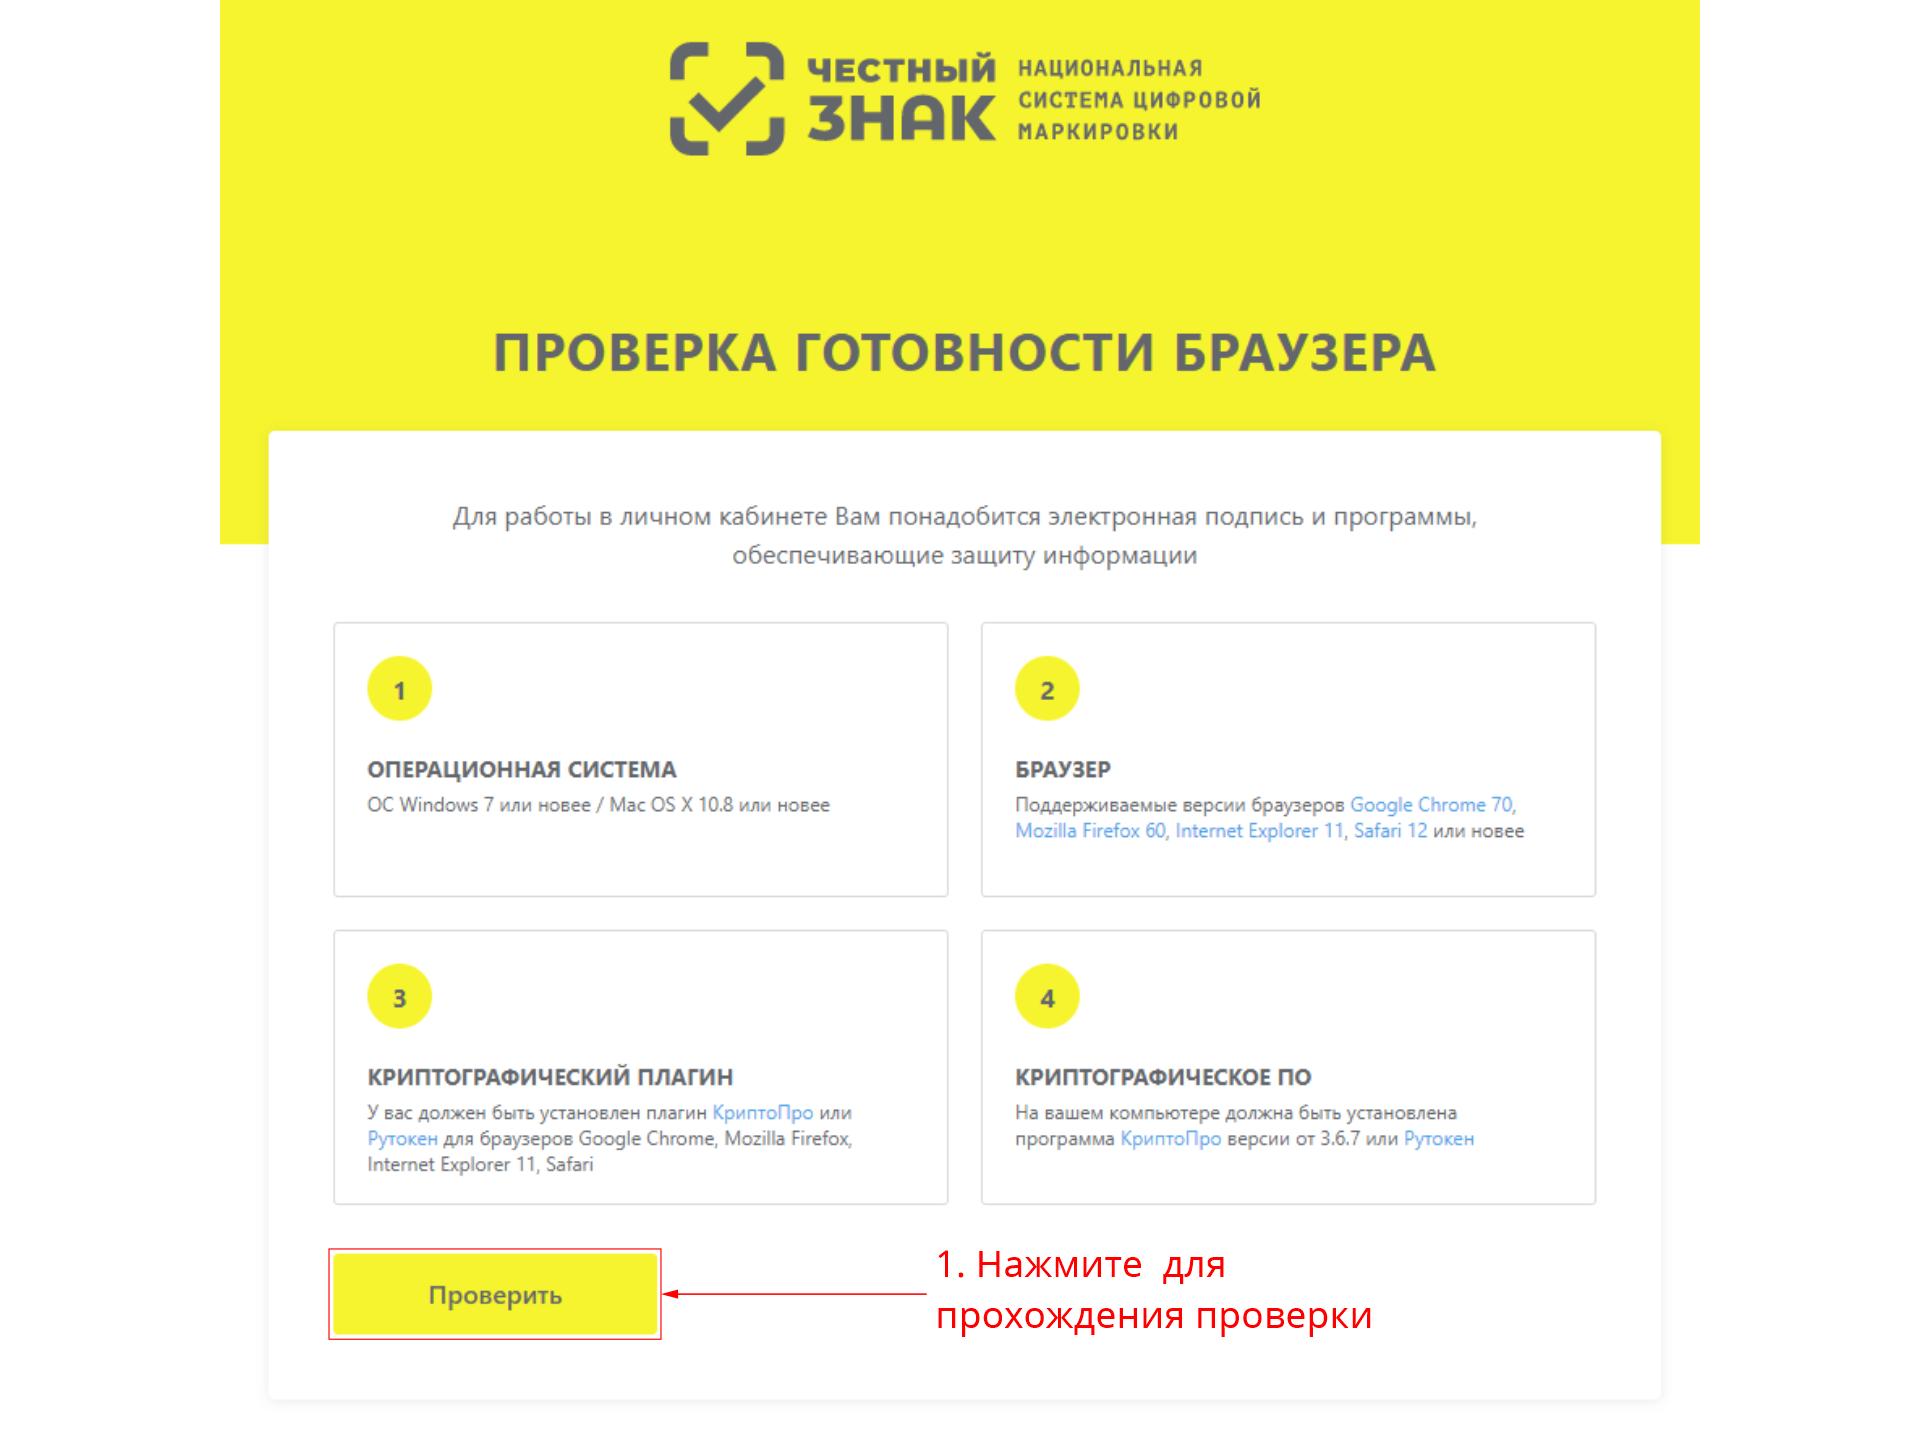 Страница диагностики готовности системы к регистрации в личном кабинете